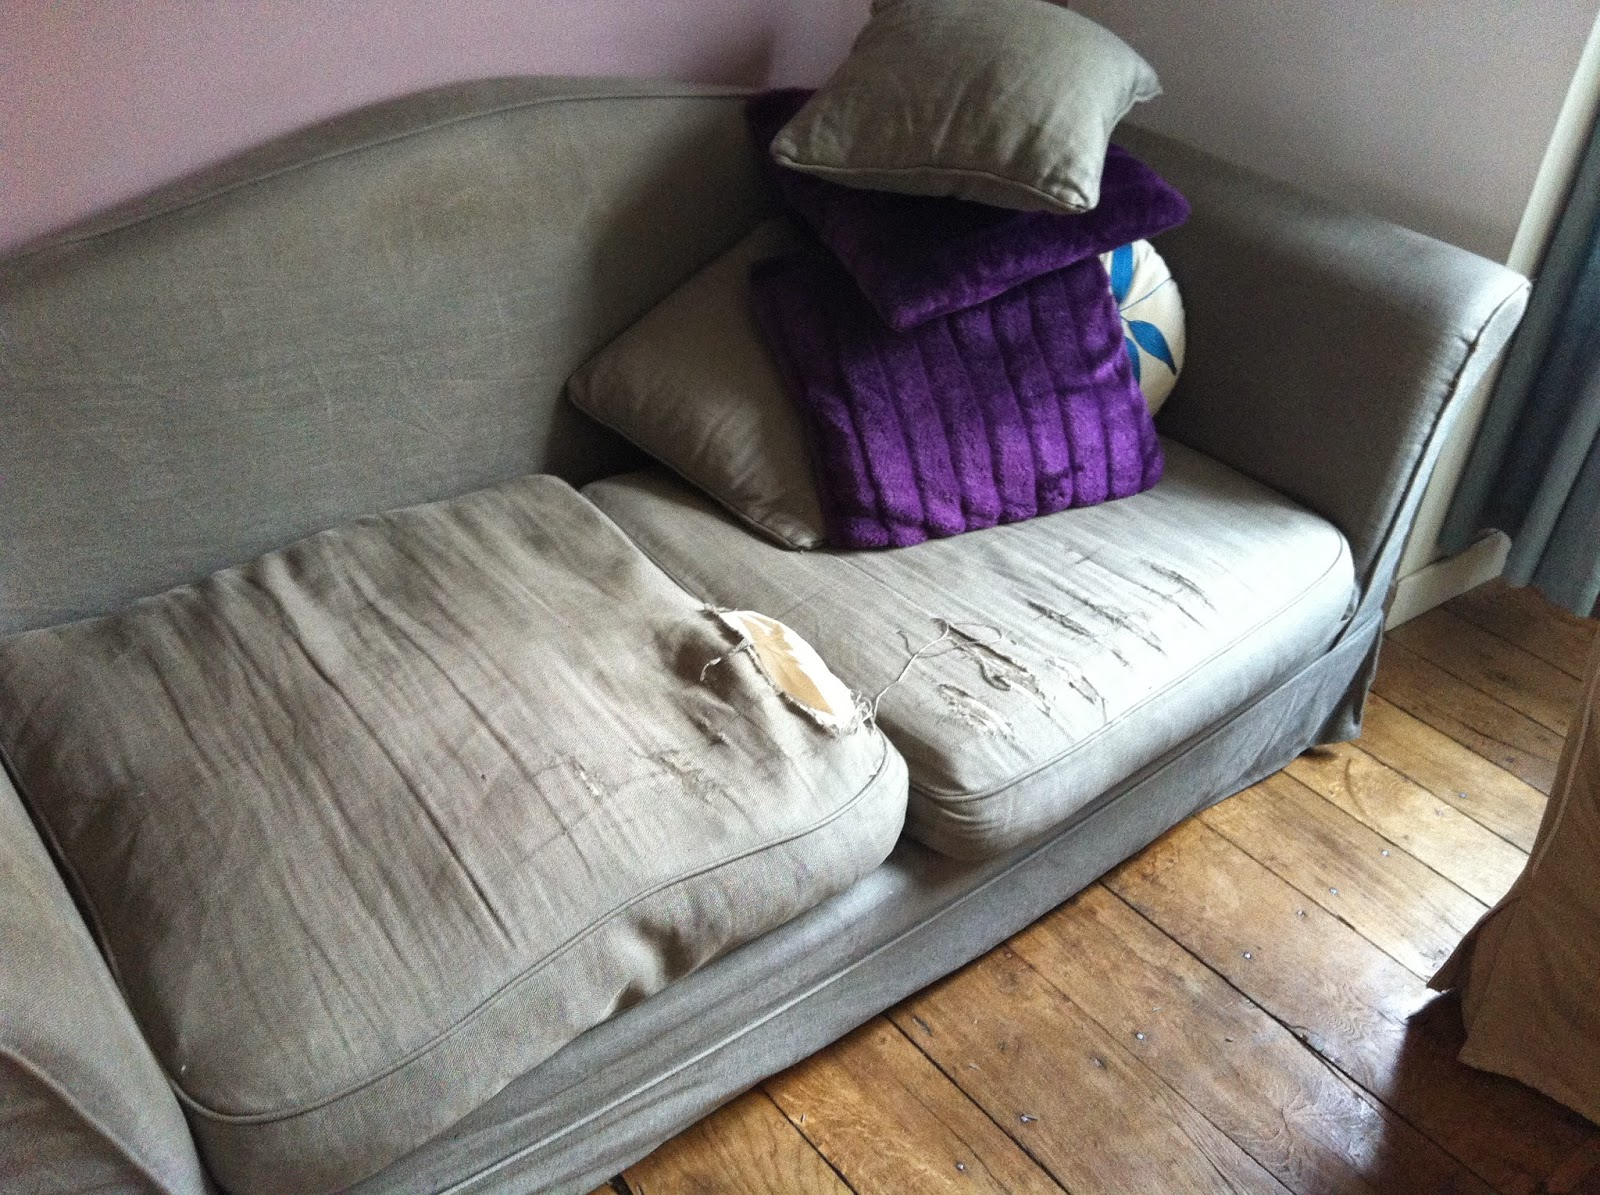 housse de coussin d assise de canapé in the mood for joy: Tuto couture : refaire les housses de  housse de coussin d assise de canapé